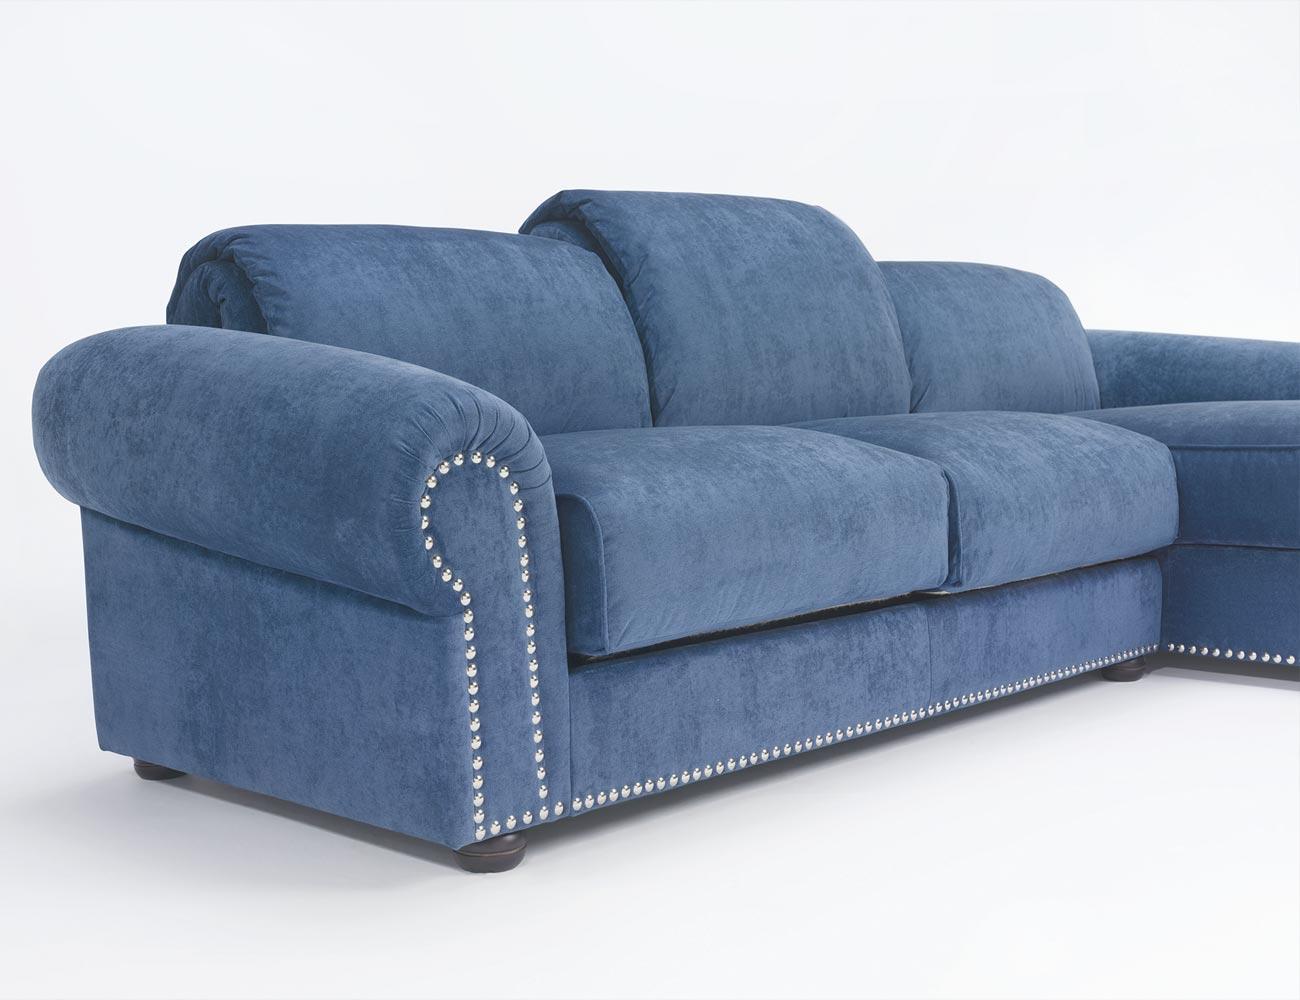 Sofa chaiselongue gran lujo decorativo azul 135